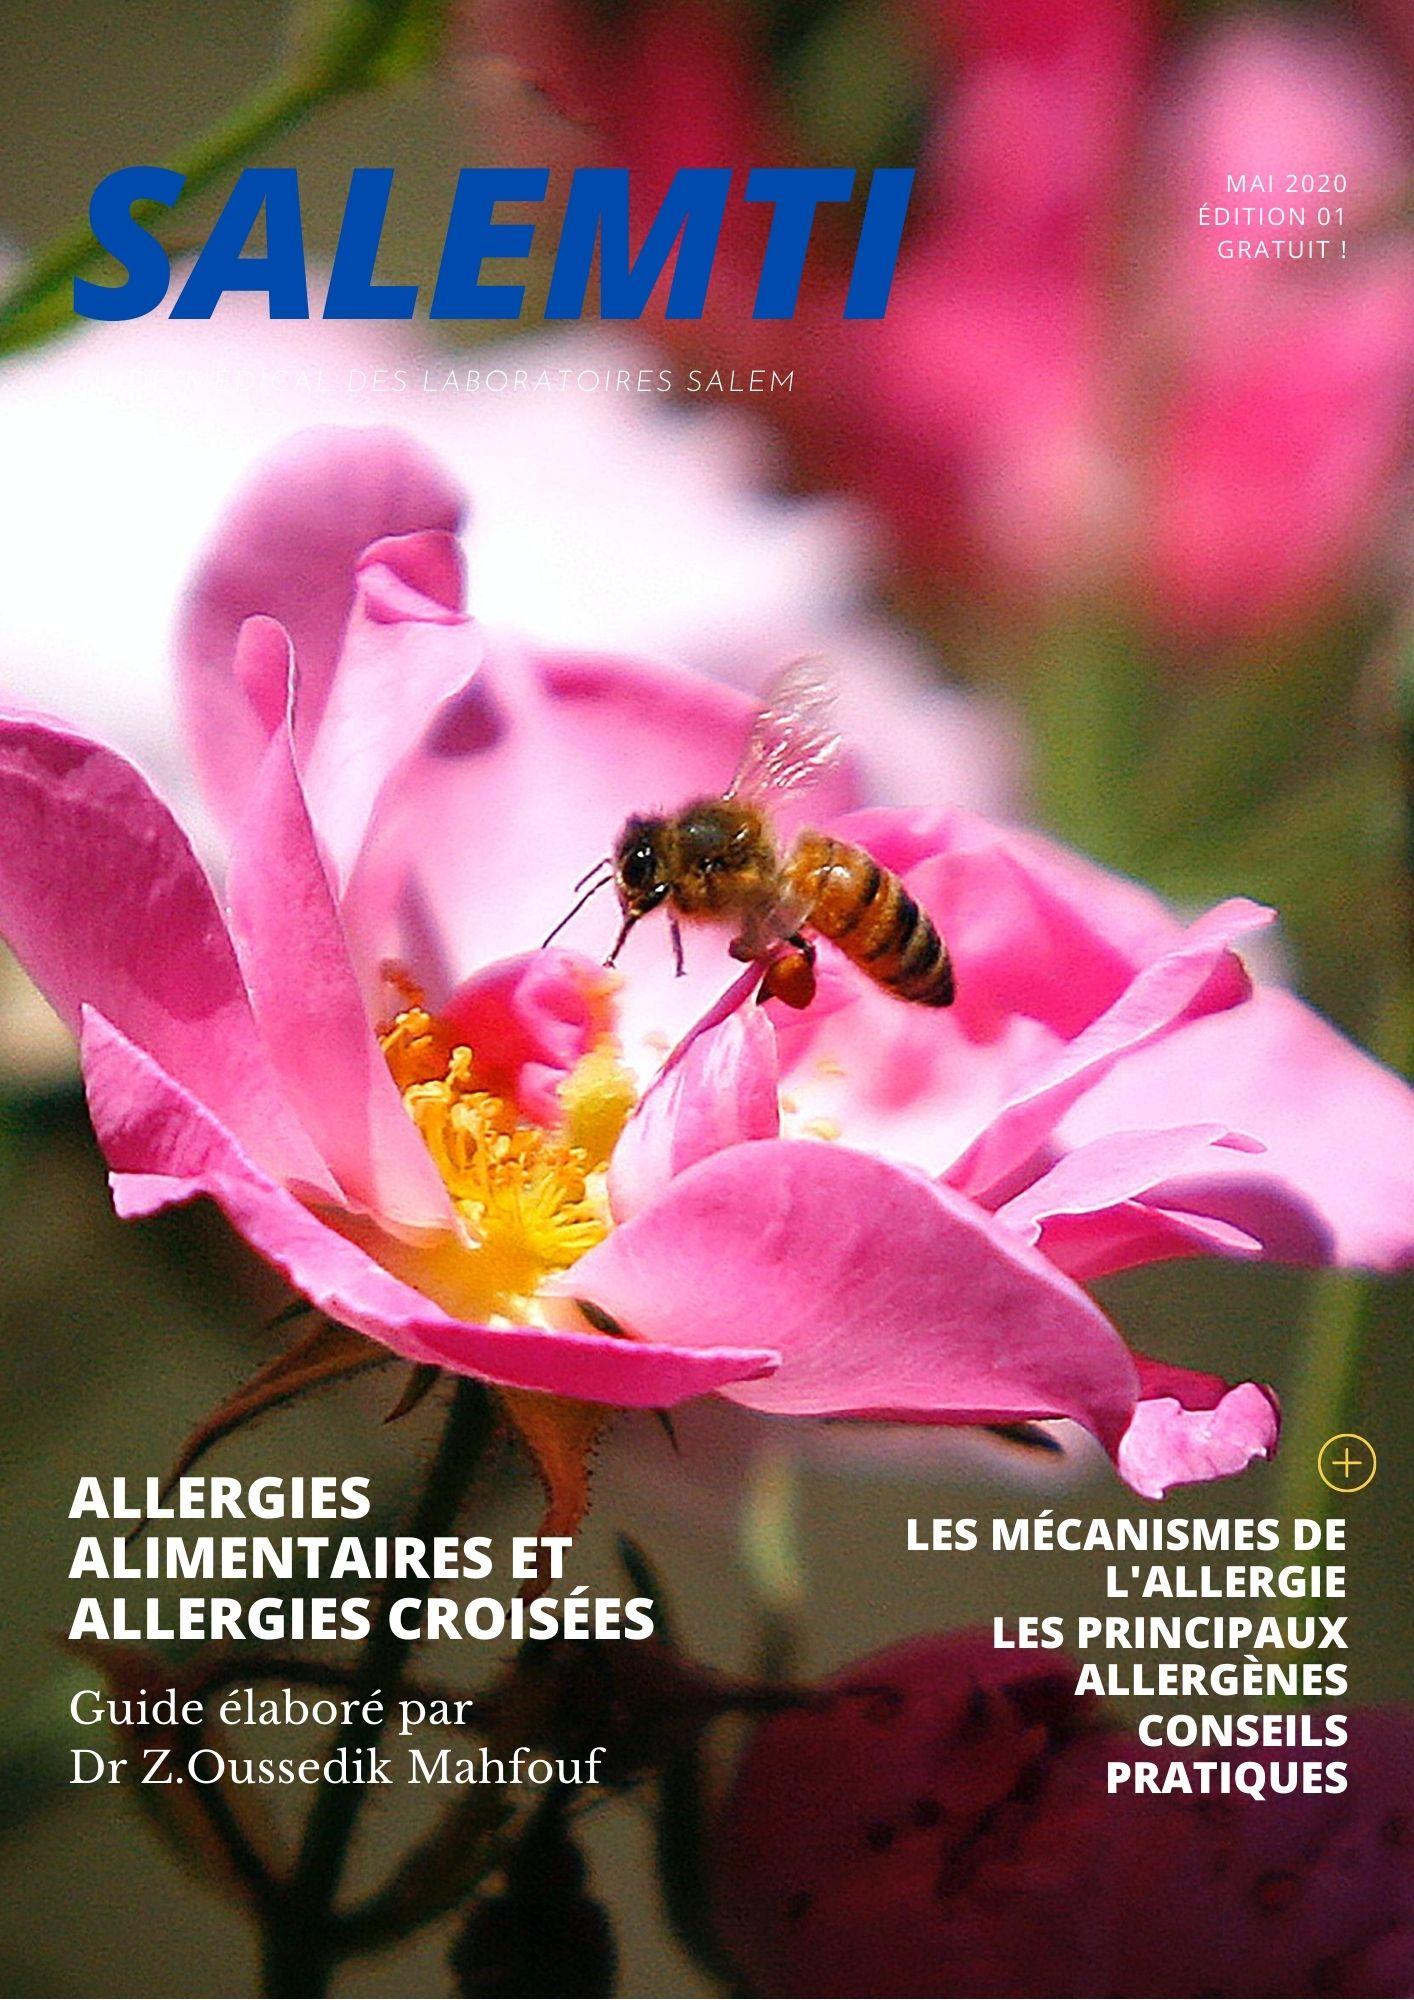 allergie, allergies alimentaires, intoxication, guide, guide santé, guide laboratoires salem, guide labosalem,guide salemti